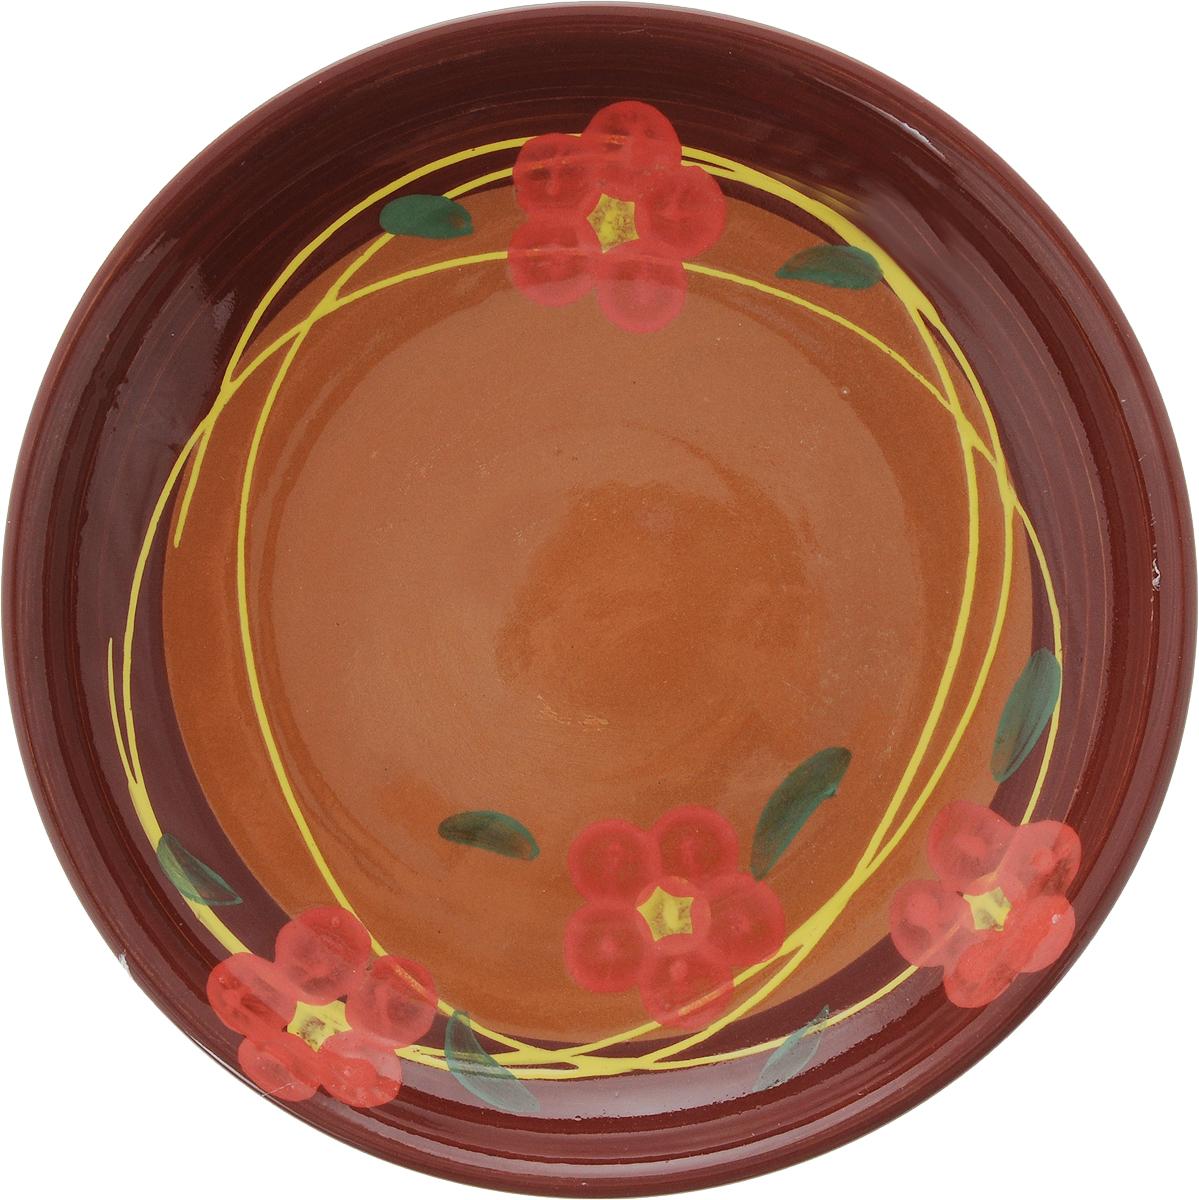 Тарелка Борисовская керамика Cтандарт, цвет: коричневый, розовый, диаметр 18 смОБЧ00000454_коричневый/розовые цветочкиТарелка Борисовская керамика Cтандарт выполнена из высококачественной керамики с покрытием пищевой глазурью. Изделие отлично подходит для подачи вторых блюд, сервировки нарезок, закусок, овощей и фруктов. Такая тарелка отлично подойдет для повседневного использования. Она прекрасно впишется в интерьер вашей кухни. Посуда термостойкая, можно использовать в духовке и в микроволновой печи. Диаметр тарелки (по верхнему краю): 18 см. Высота стенки: 3 см.